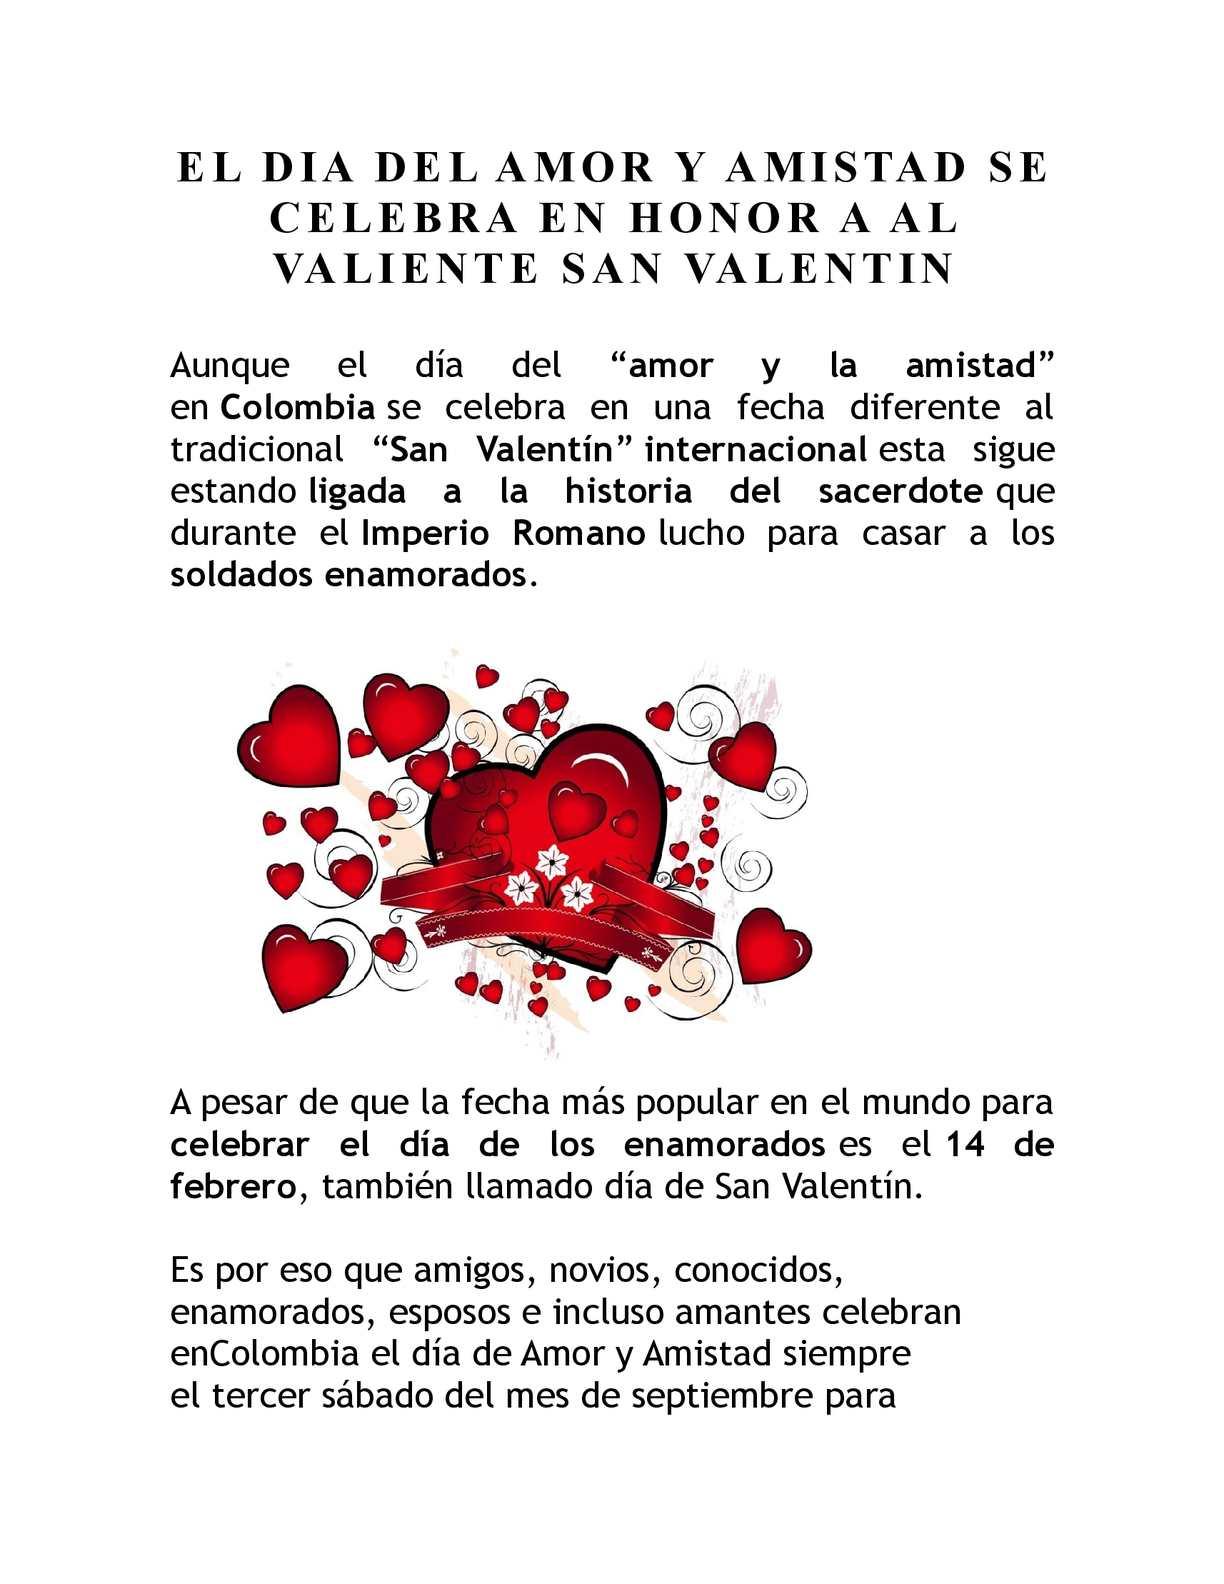 aac909b6725d Calaméo - El Dia Del Amor Y Amistad Se Celebra En Honor A Al Valiente San  Valentin